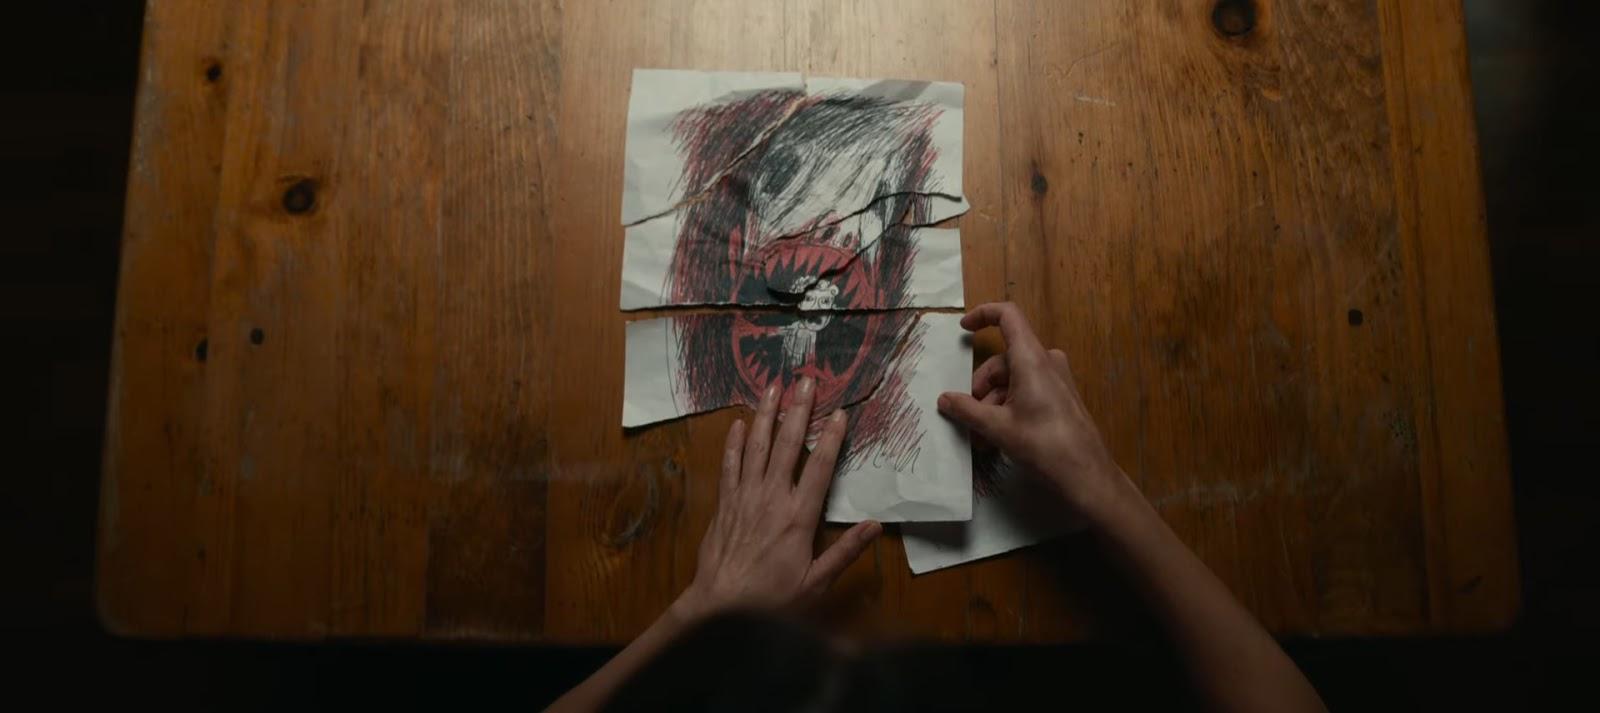 El thriller de terror producido por Guillermo del Toro, Antlers revela nueva fecha de estreno y featurette